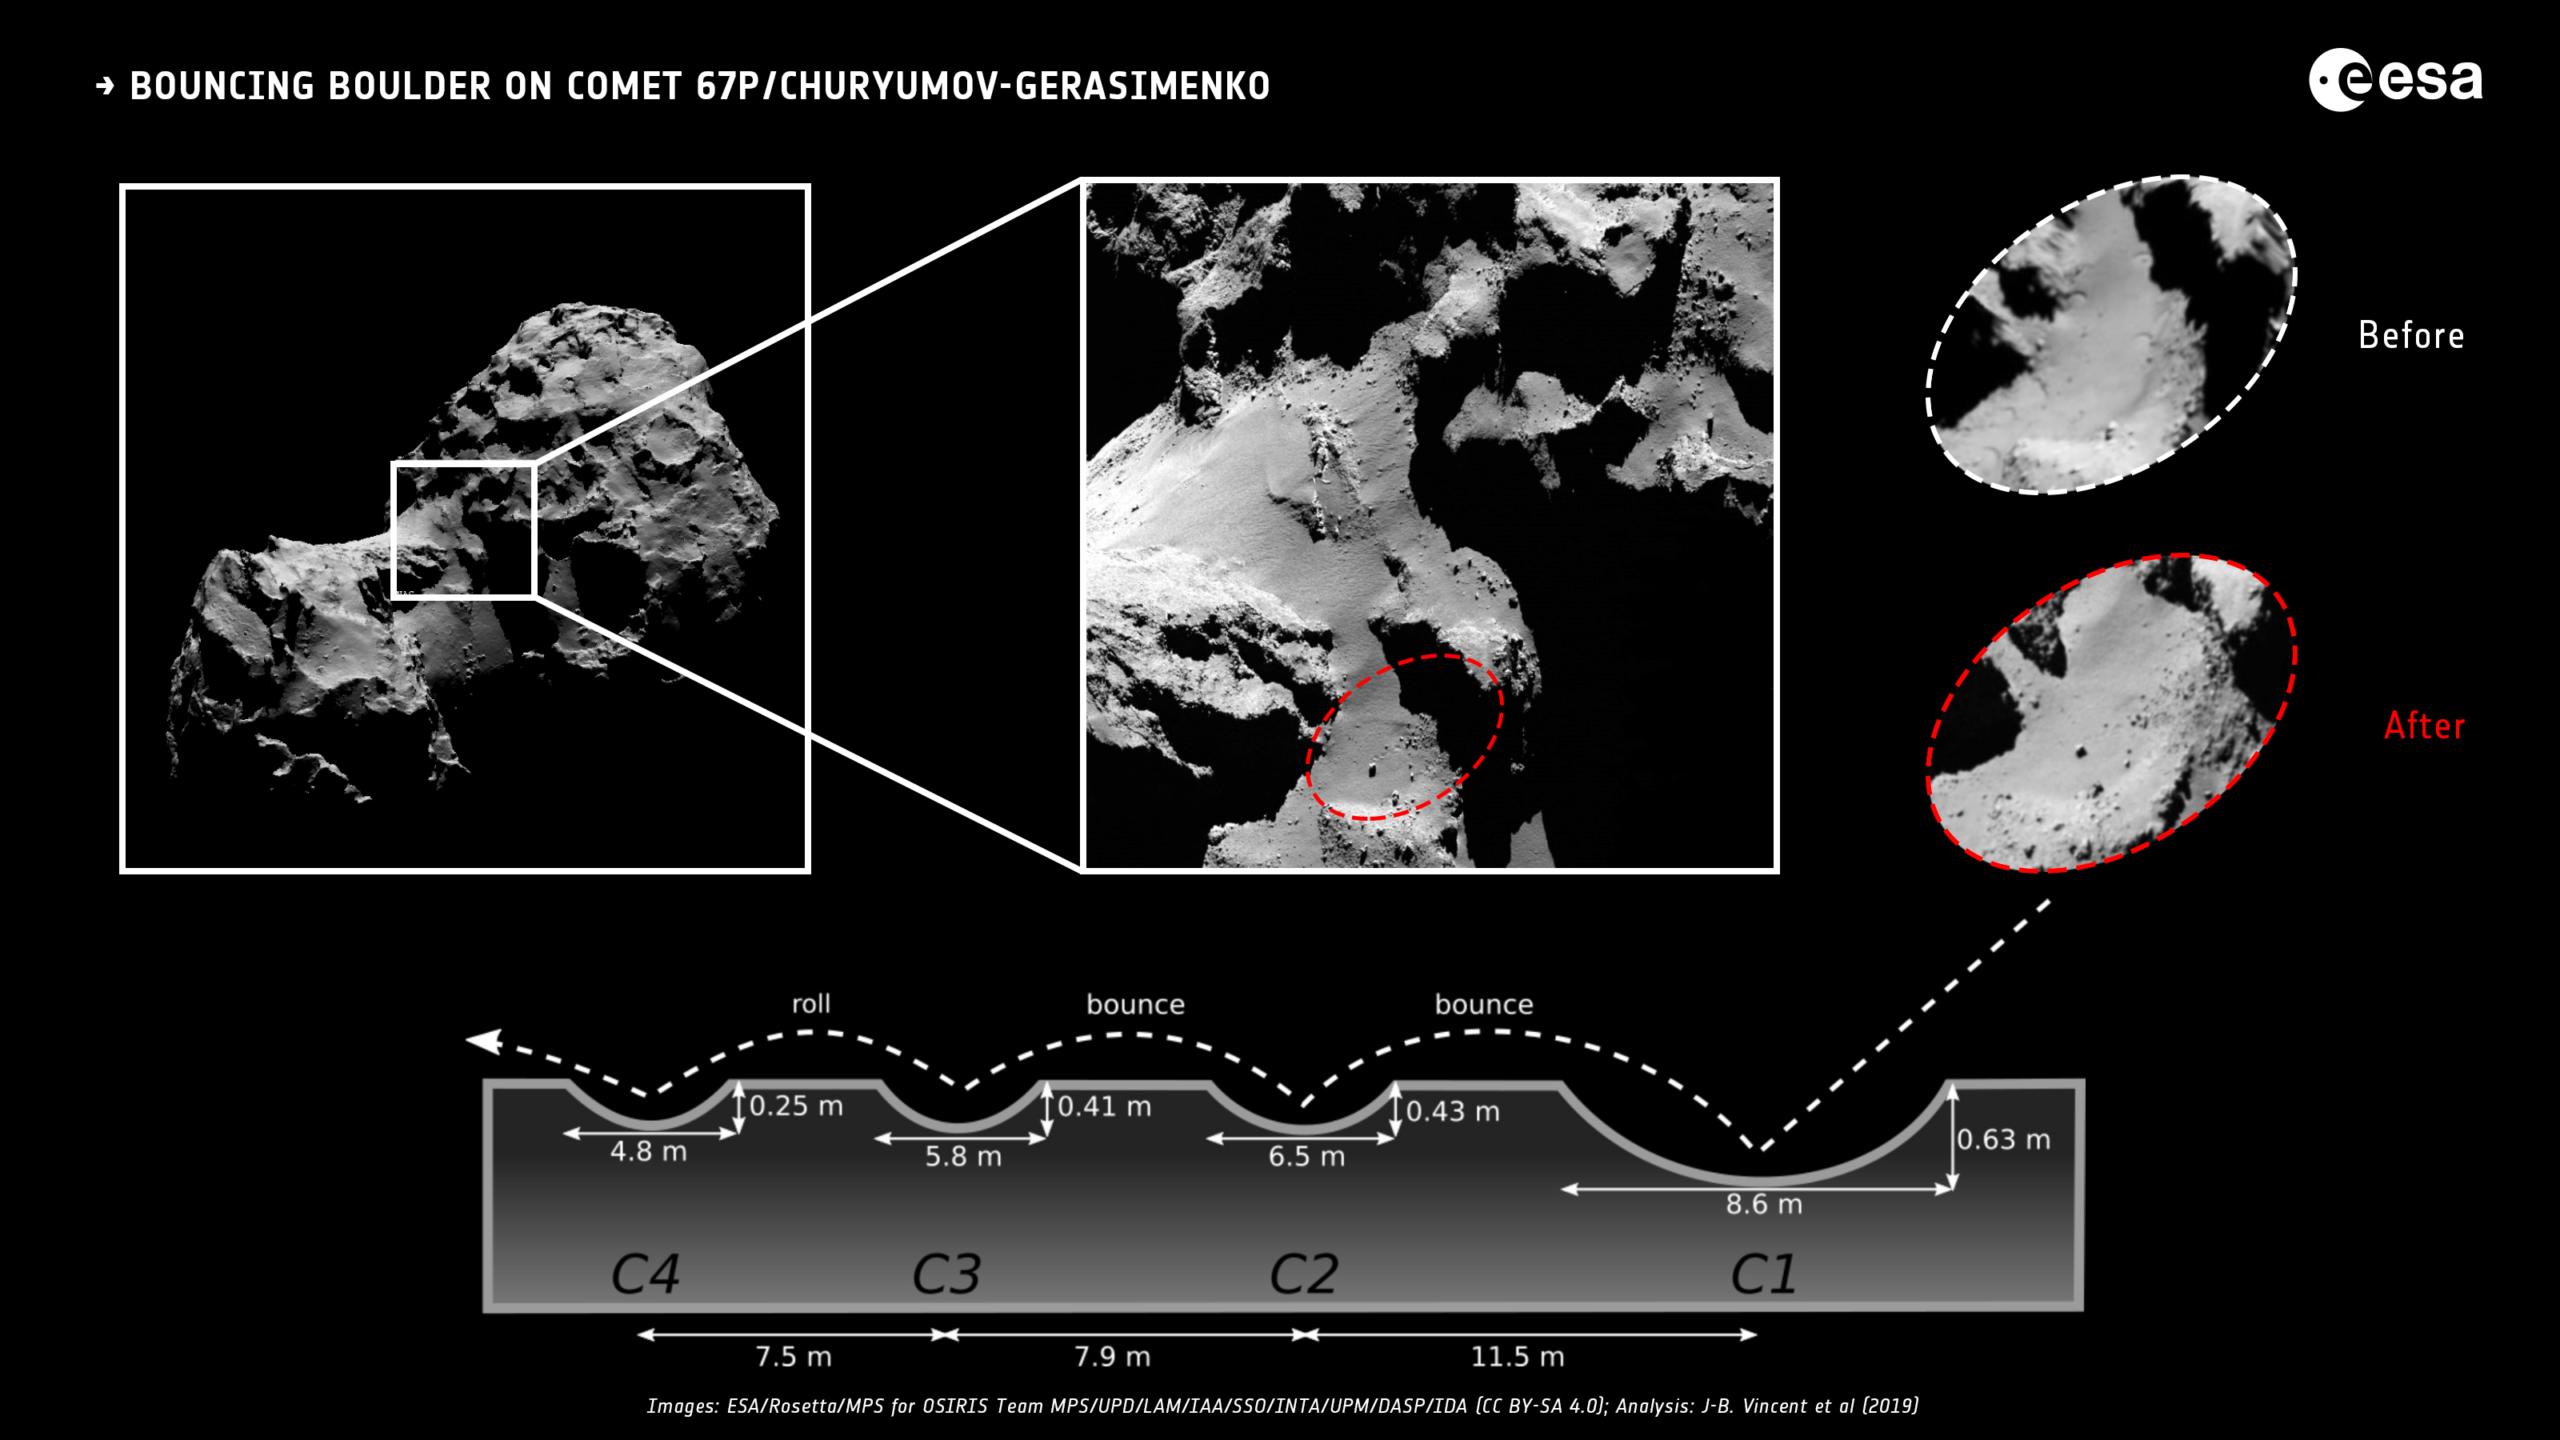 Rosetta : Mission autour de la comète 67P/Churyumov-Gerasimenko  - Page 33 Evolut10